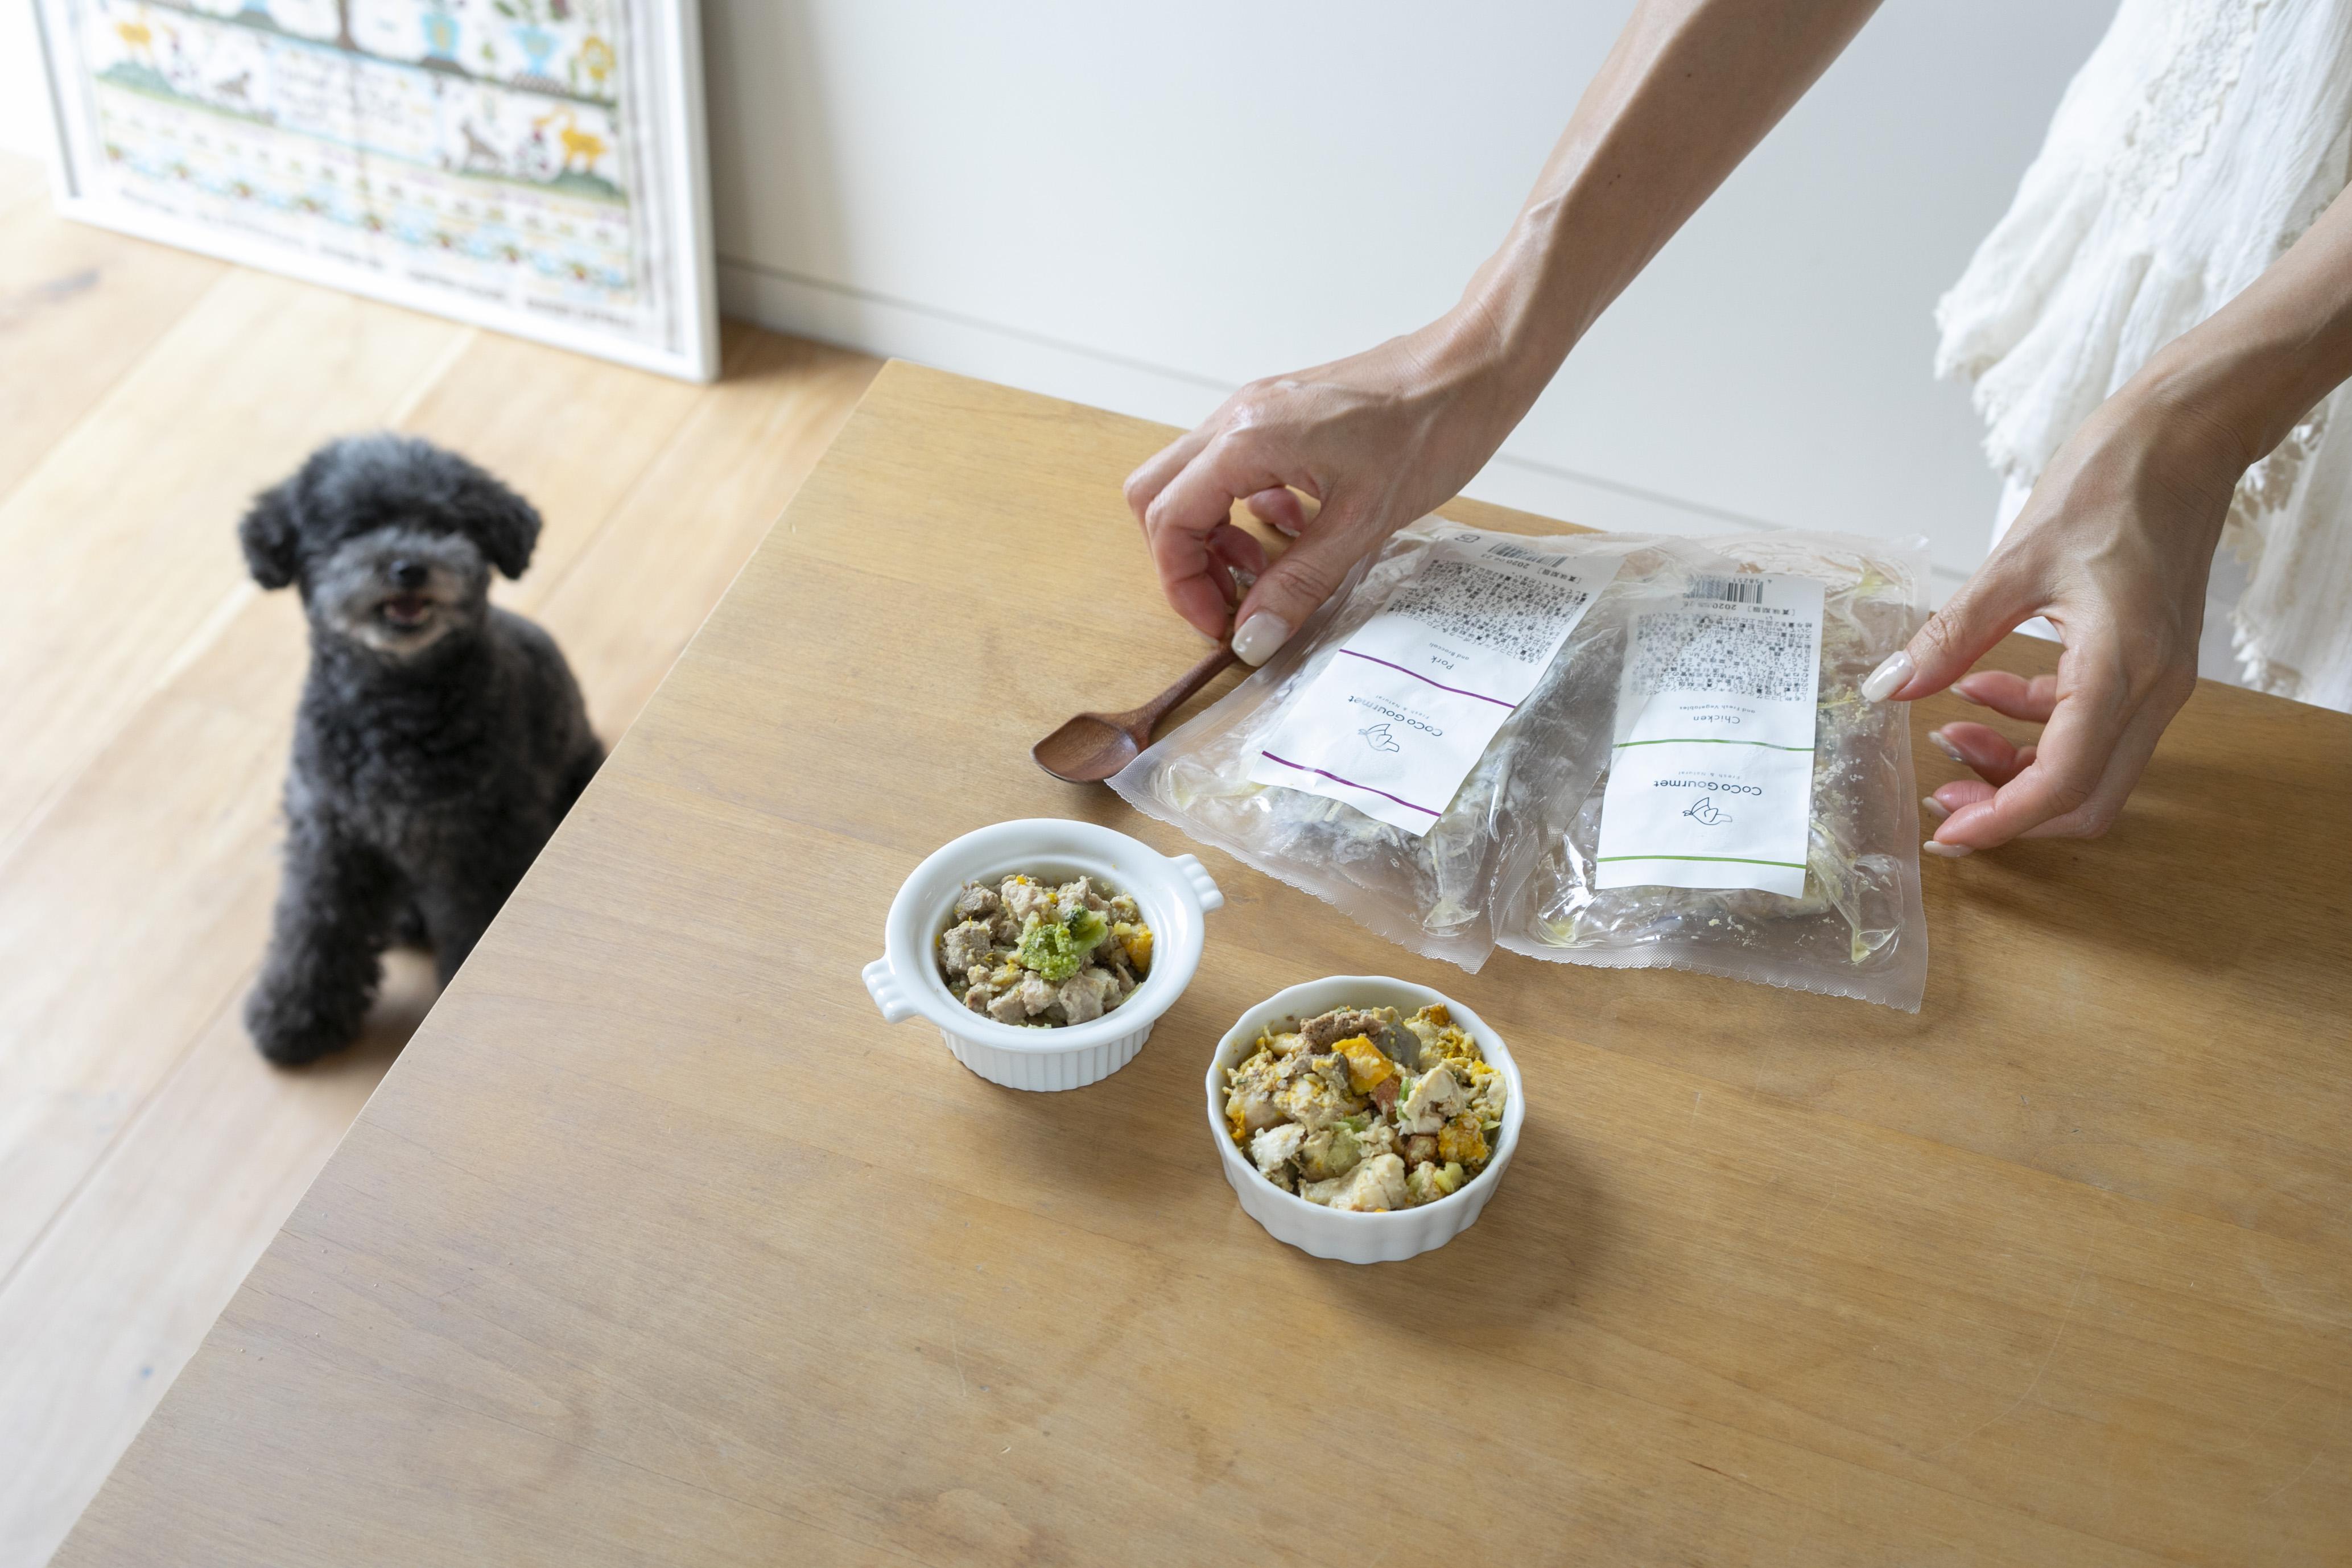 犬はきゅうり食べても大丈夫!美味しく食べれるレシピをご紹介!